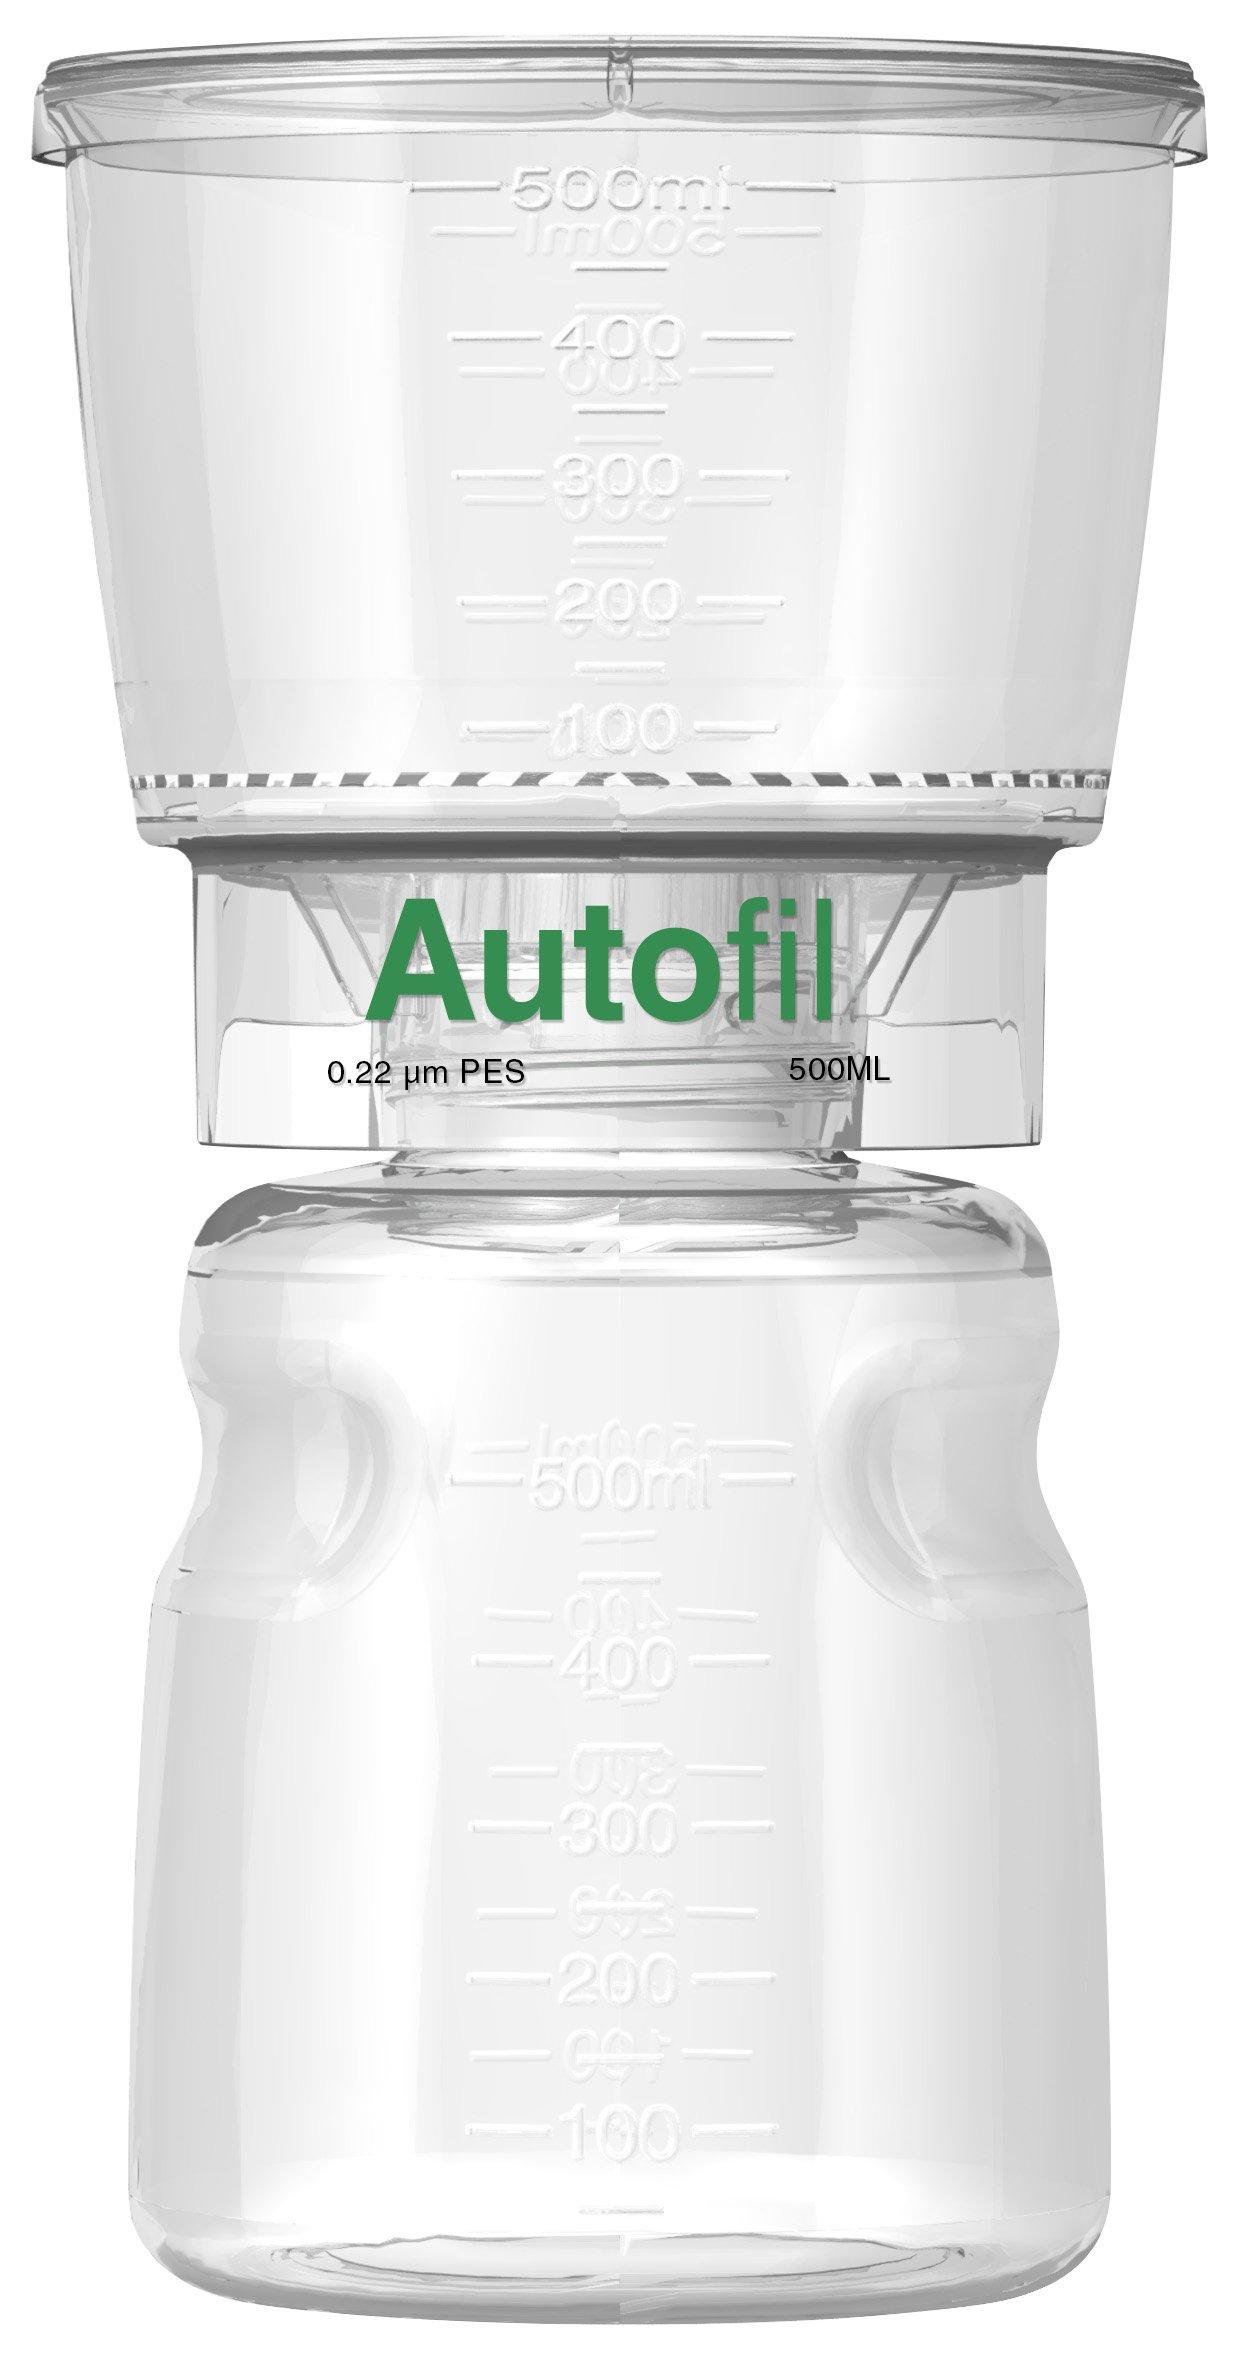 Autofil Sterile Disposable Vacuum Filter Units with 0.2um Sterilizing PES Membrane, 500mL, 12/CS by Foxx Life Sciences